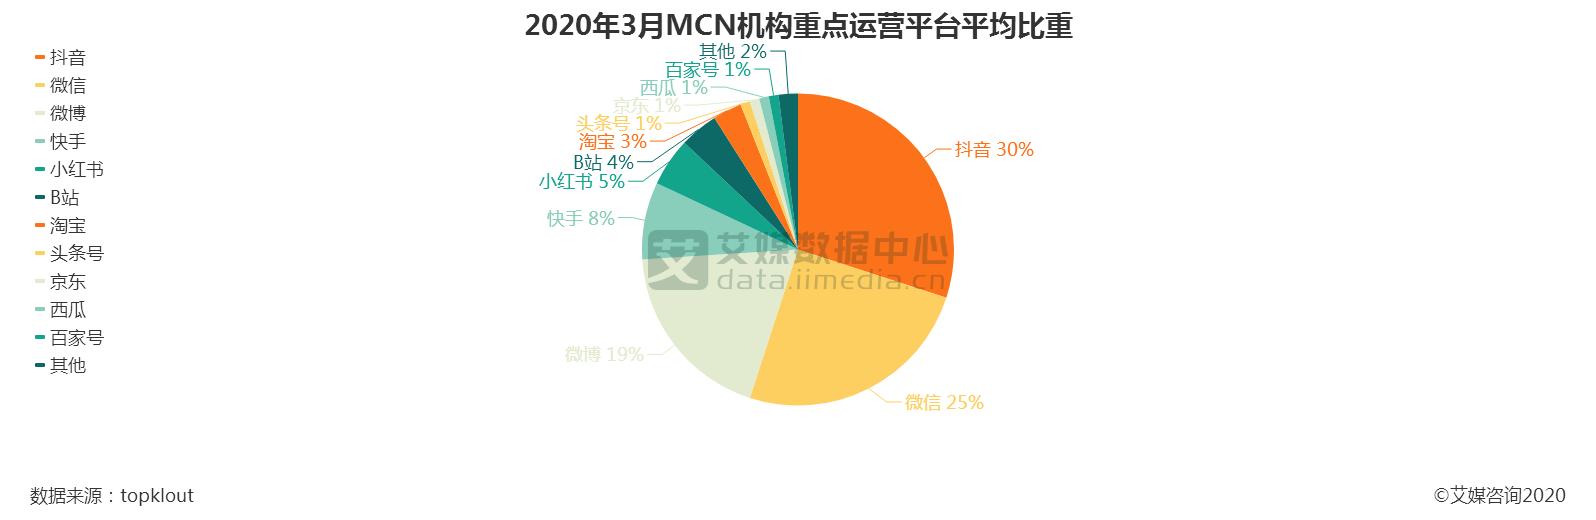 2020年3月MCN机构重点运营平台平均比重